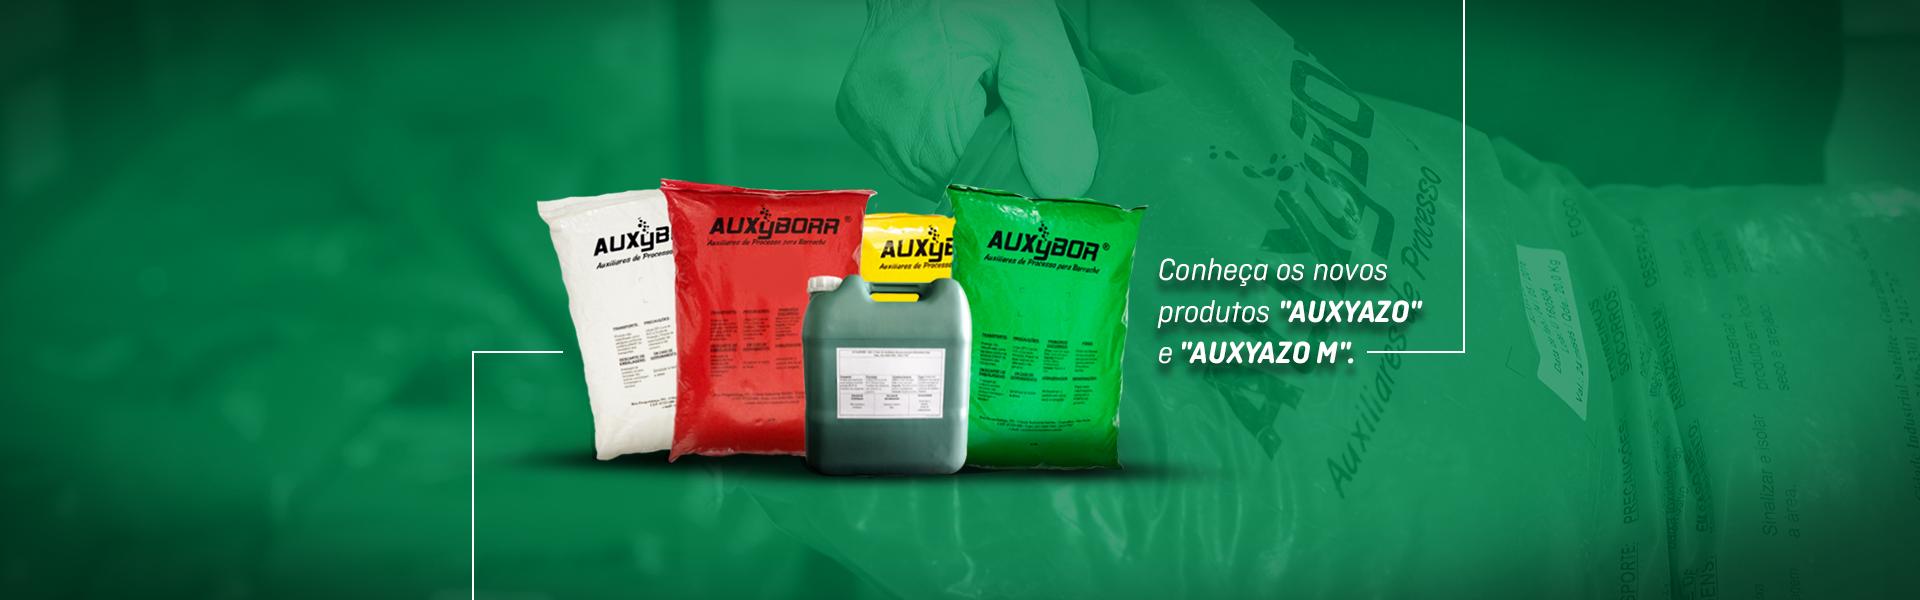 Auxyborr em parceria com a Fragon lança novos produtos: Conheça tudo sobre o AuxyAzo e AuxyAzo M